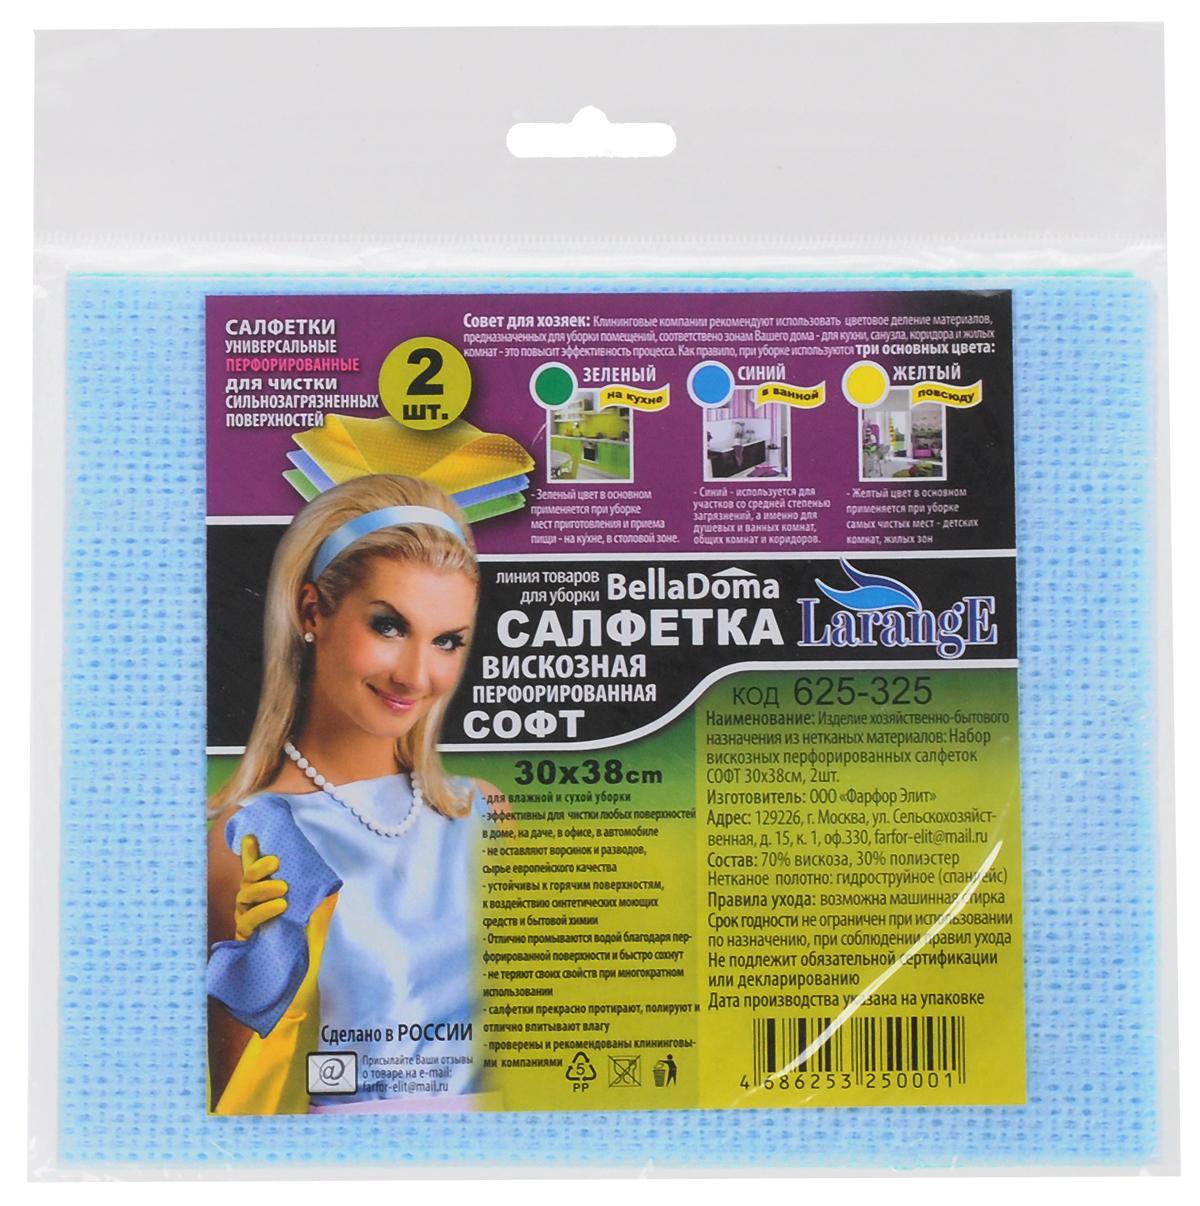 Салфетка для уборки LarangE Софт, перфорированная, универсальная, цвет: голубой, мятный, 30 х 38 см, 2 шт625-325_голубойПерфорированная салфетка для уборки LarangE Софт выполнена из 70% вискозы и 30% полиэстера, превосходно впитывает влагу и легко отжимается. Быстро и эффективно очищает загрязнения, не оставляет разводов.В комплекте 2 салфетки.